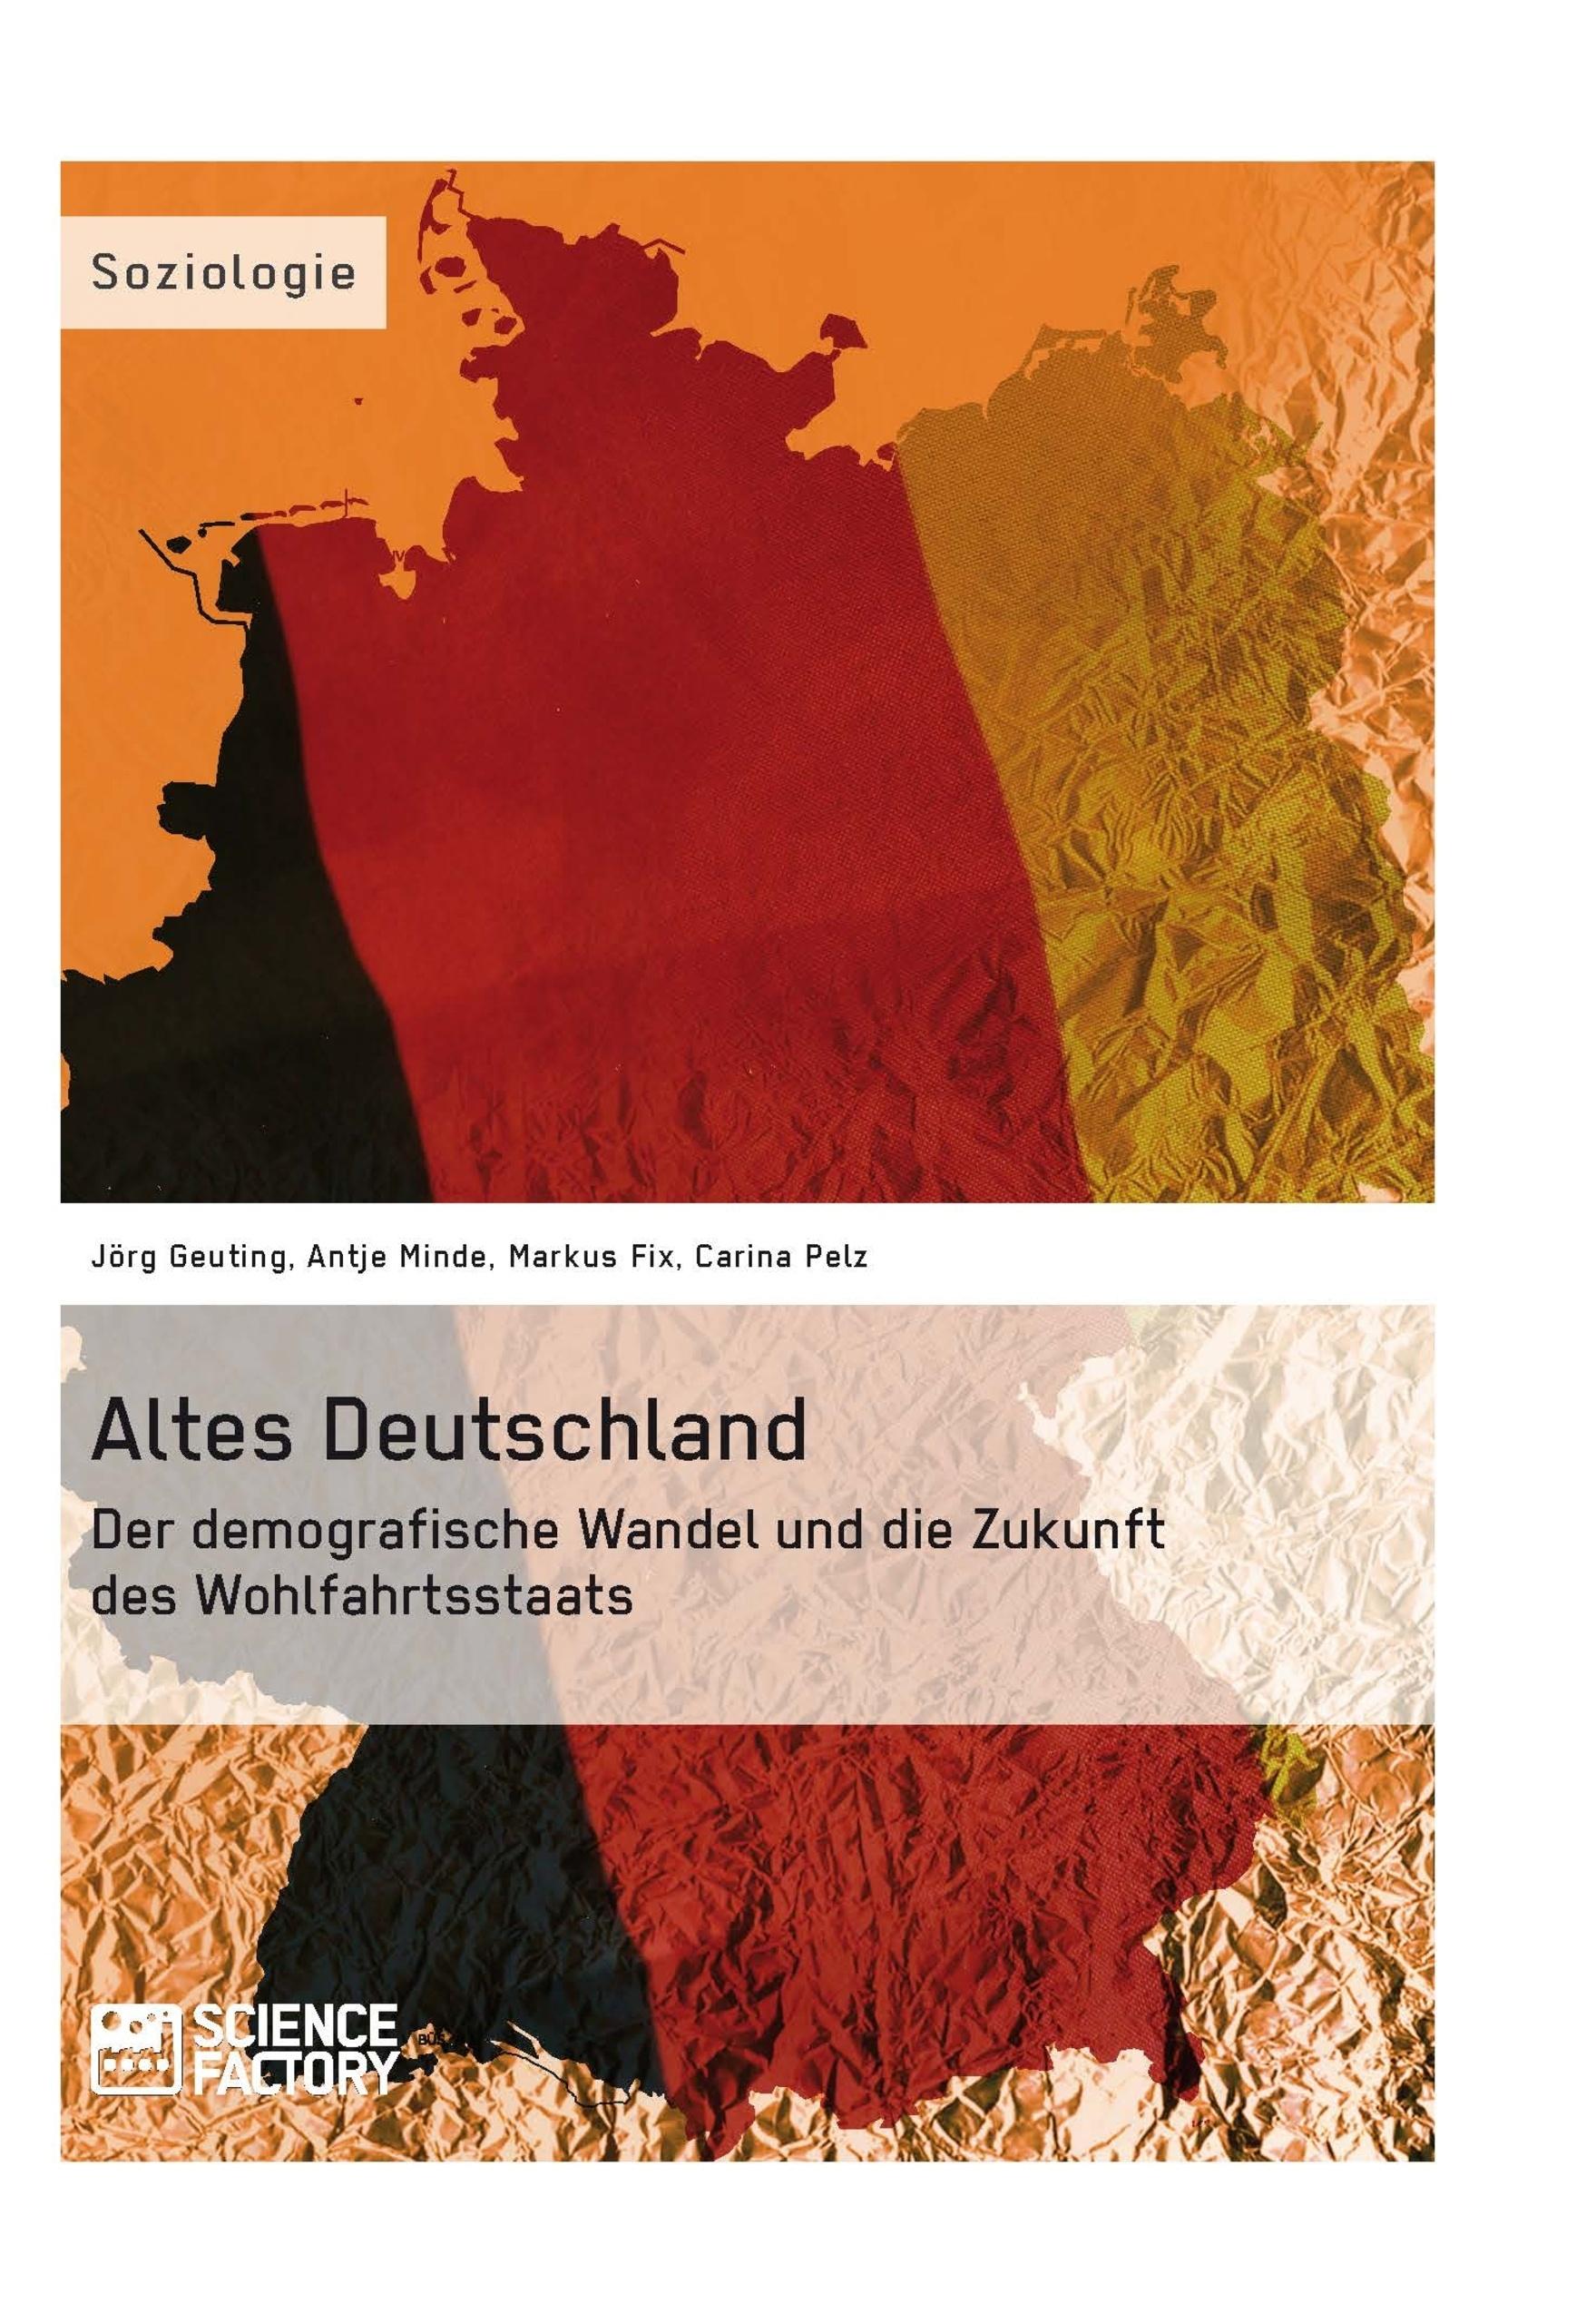 Titel: Altes Deutschland. Der demografische Wandel und die Zukunft des Wohlfahrtsstaats